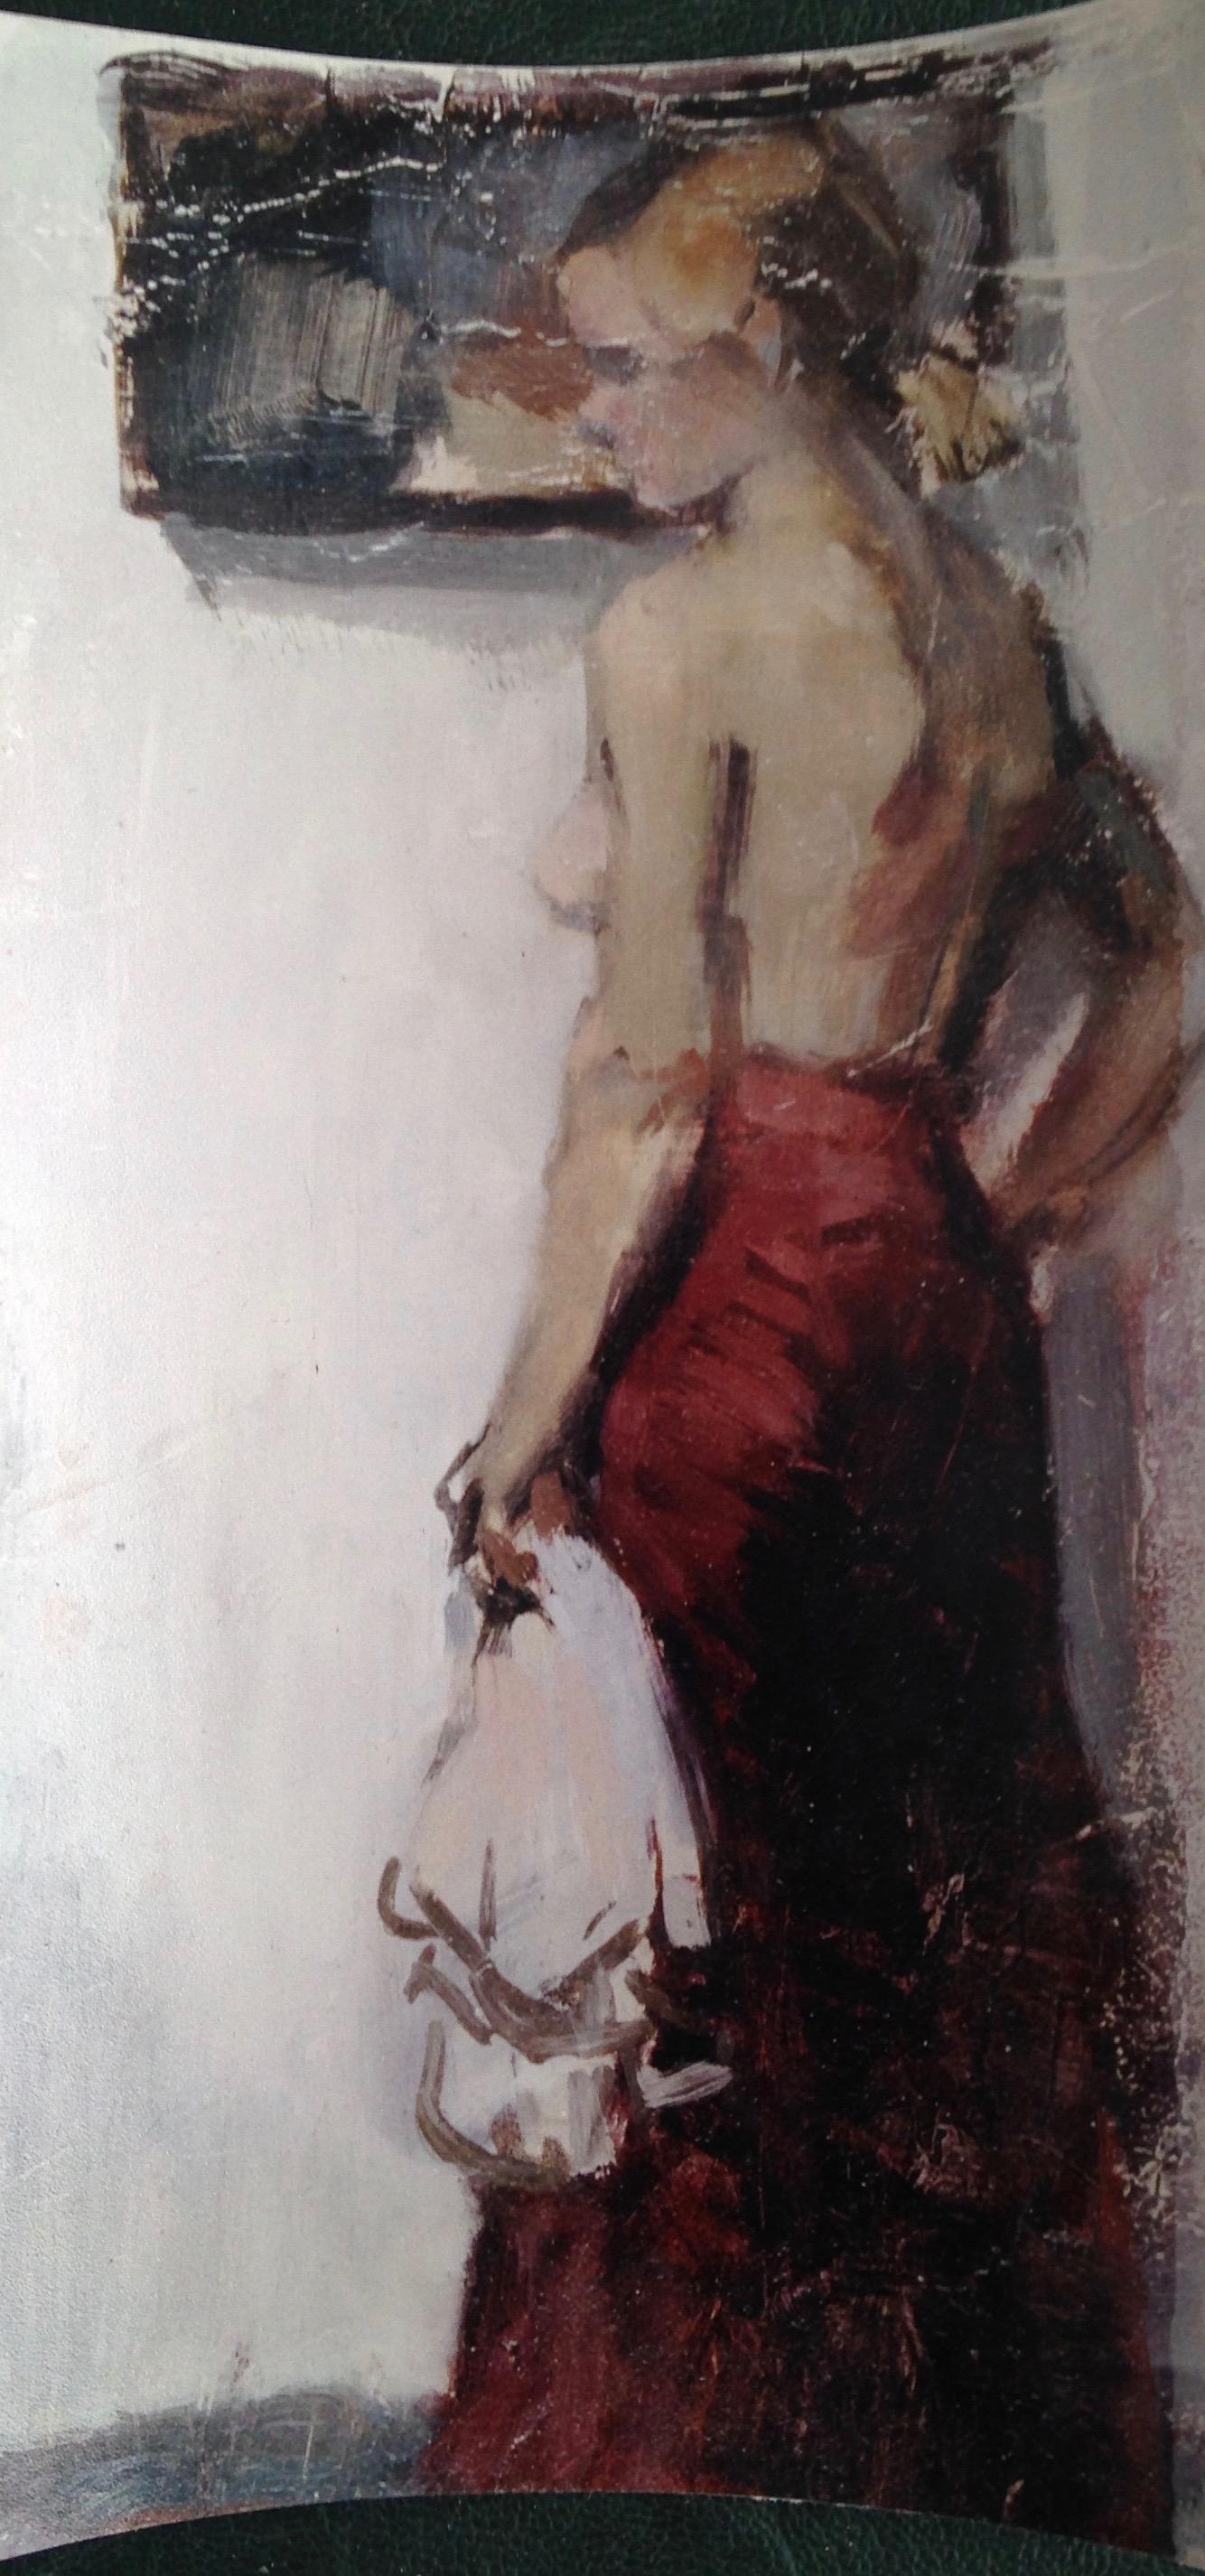 piccolo mezzo-nudo in piedi in gonna rossa    olio su legno circa 20 x12 cm 1963